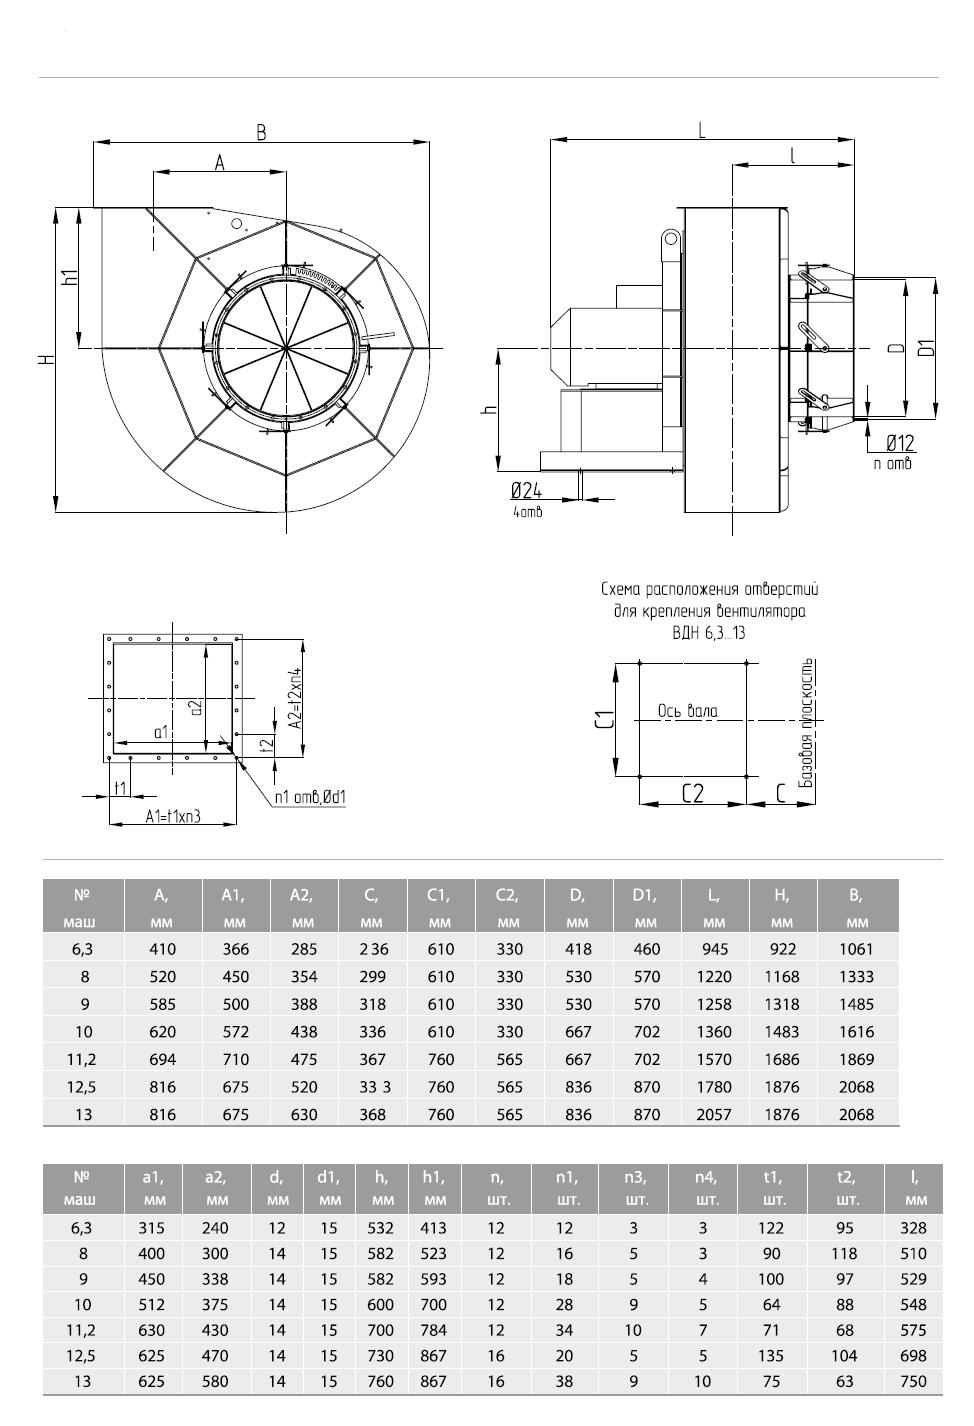 Габаритные-и-присоединительные-размеры-вентиляторов-ВДН-и-ДН-№6.3-№13-исполнения-1